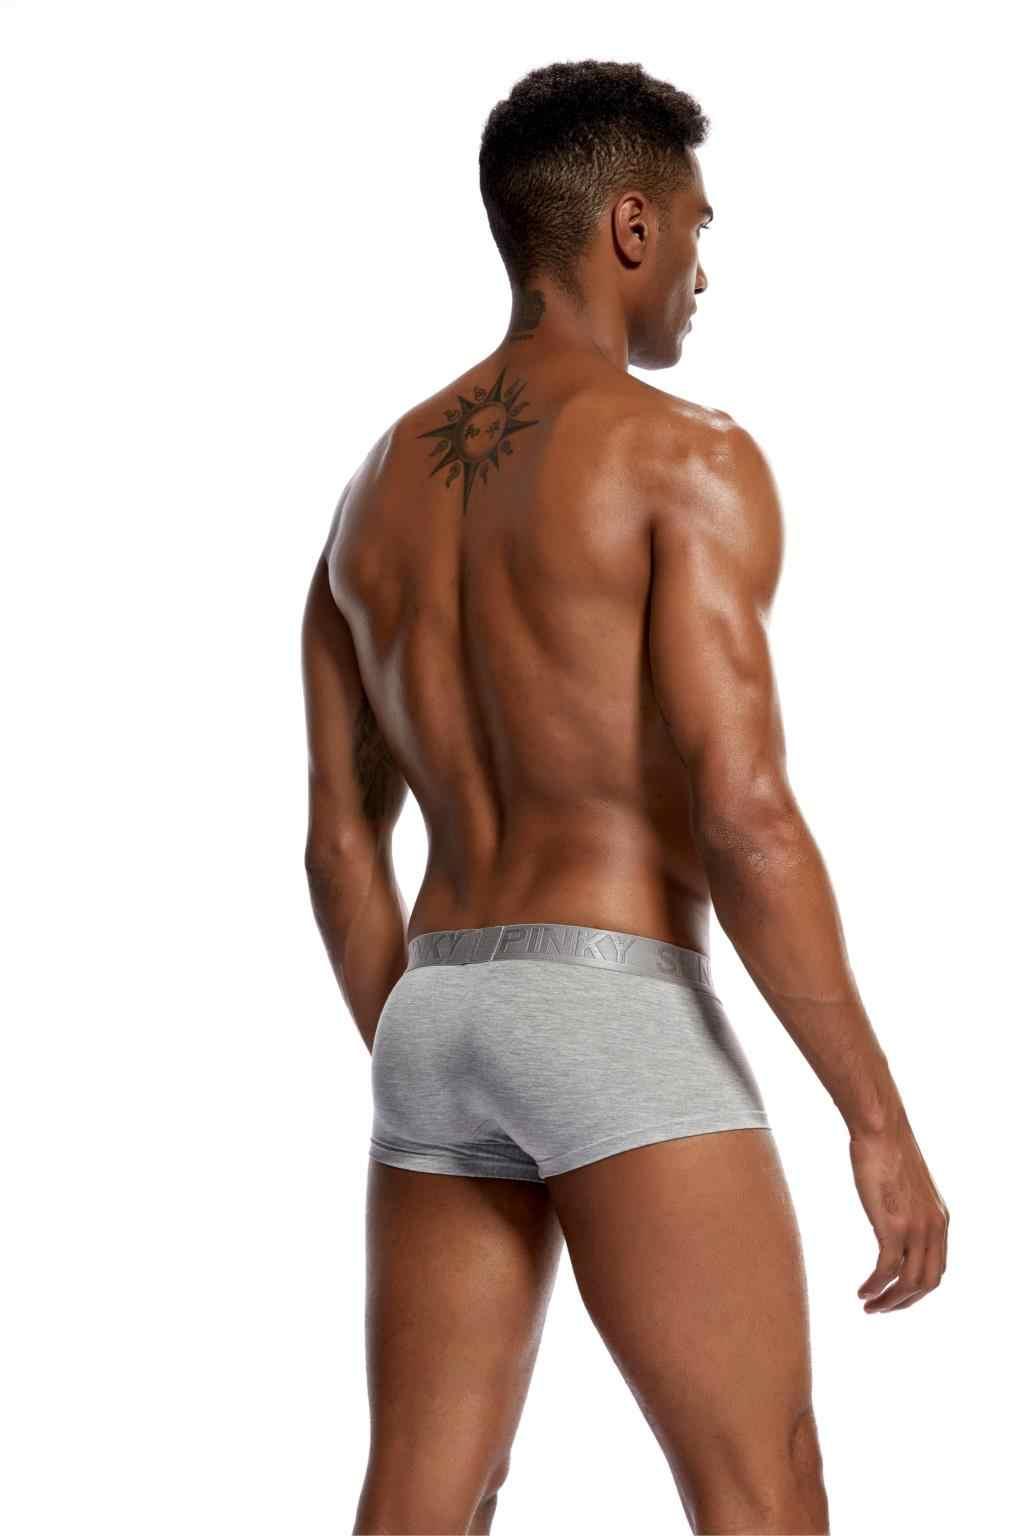 20 סגנונות מודאלי Underwears מתאגרפים מכנסיים קצרים לגברים סקסי לנשימה הומו פין פאוץ גברים של מתאגרף גזעי רך זכר תחתונים